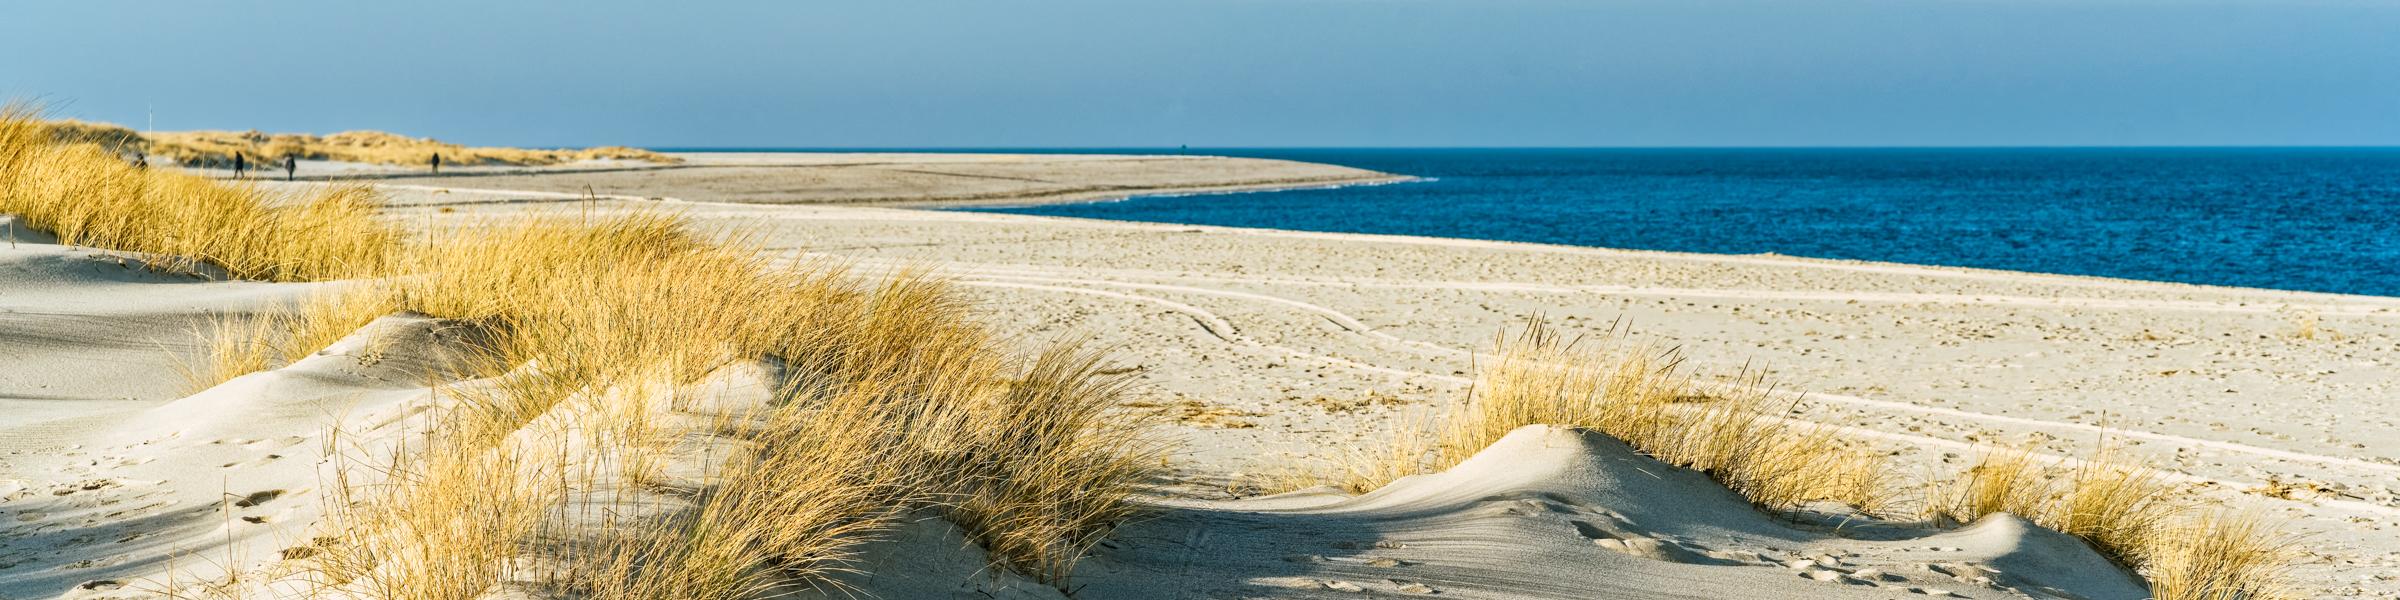 Sanddünen auf Sylt